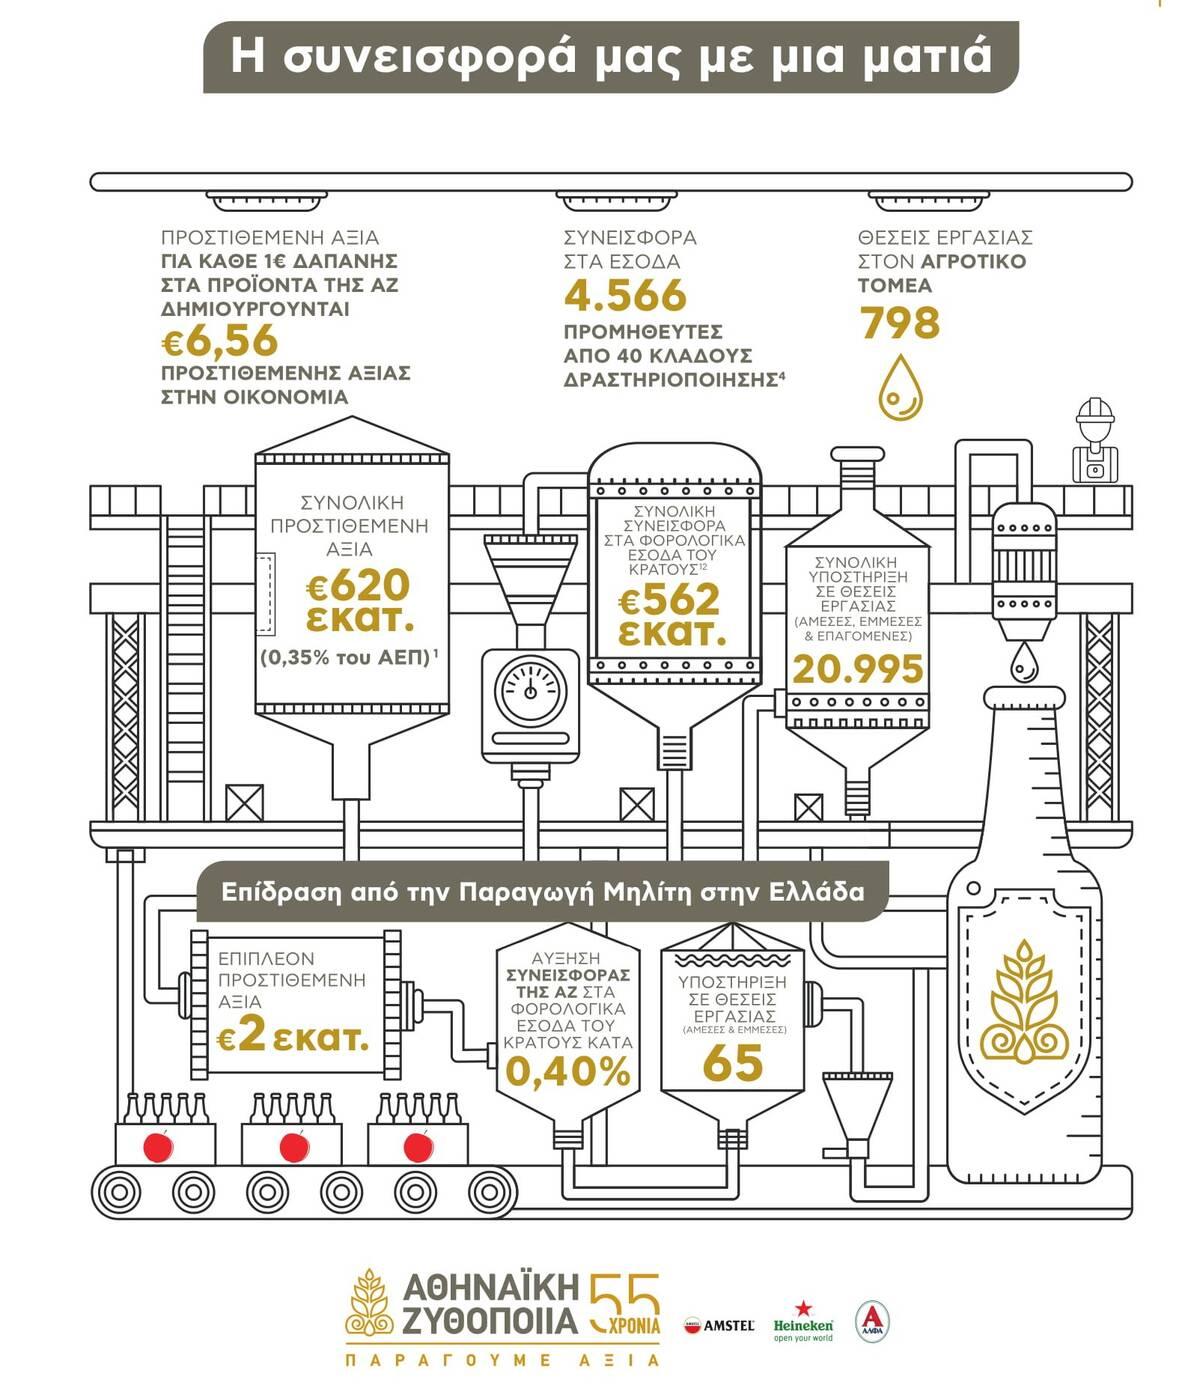 AZ Meleti Oikonomikou Antiktipou Infographic